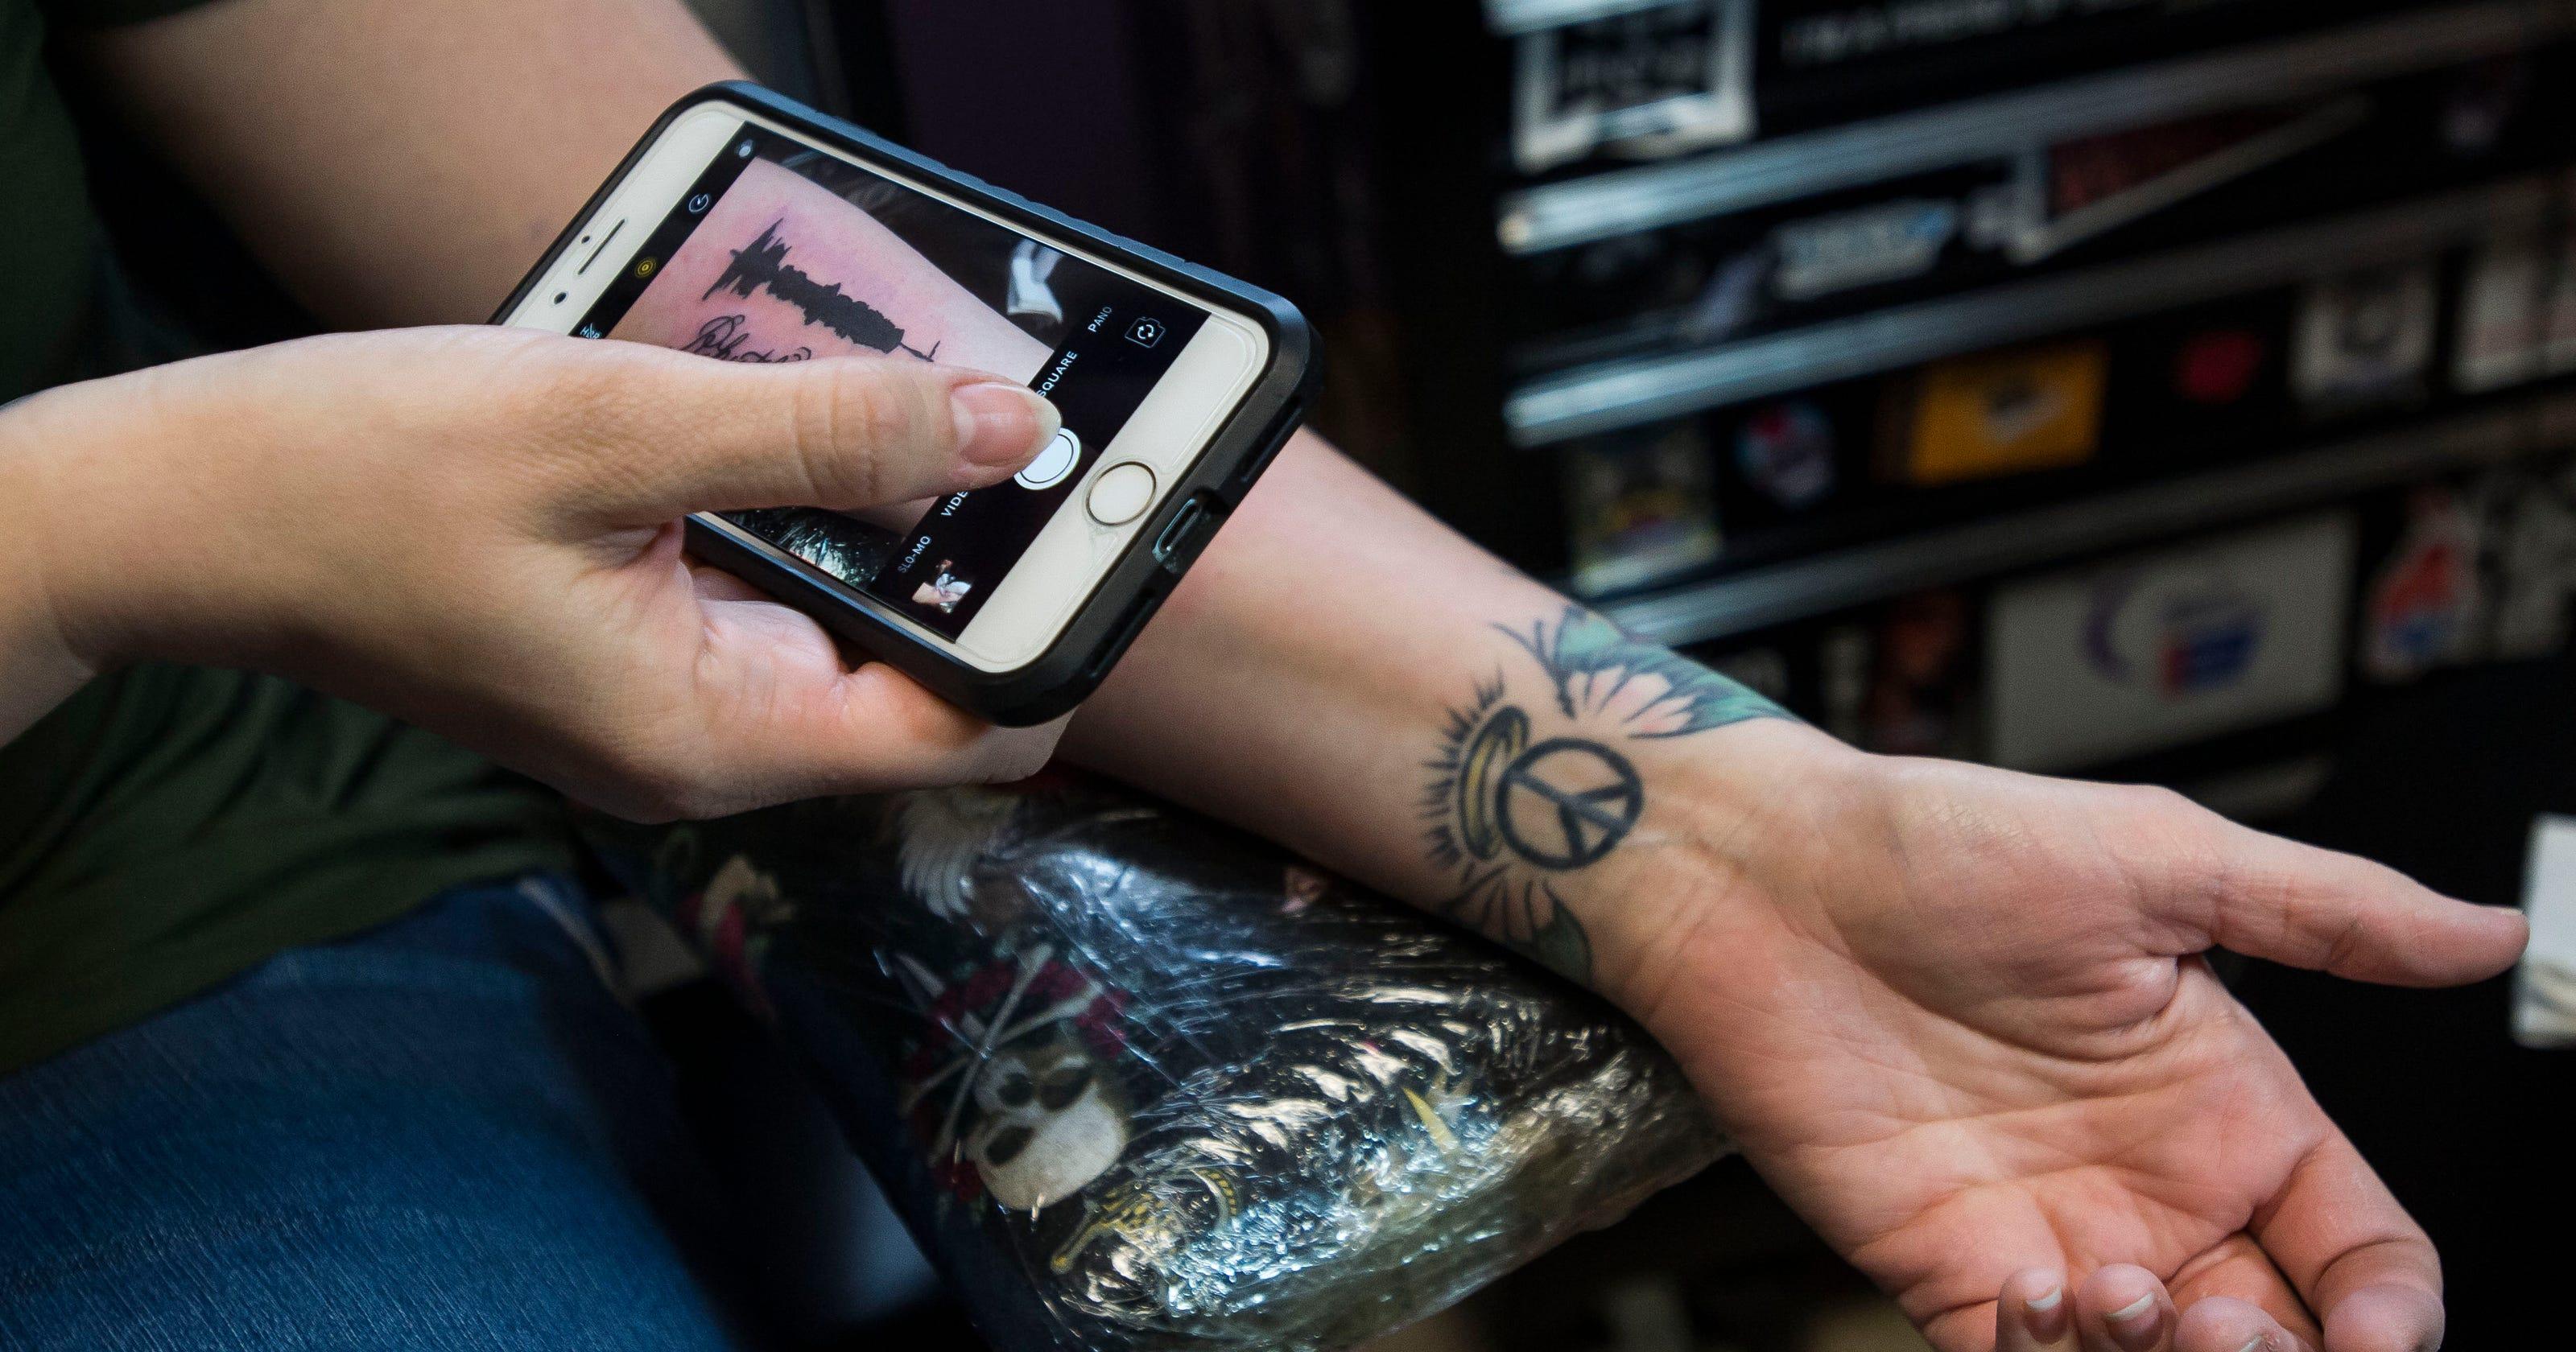 Skin Motion soundwave tattoo trend lands in Fort Collins